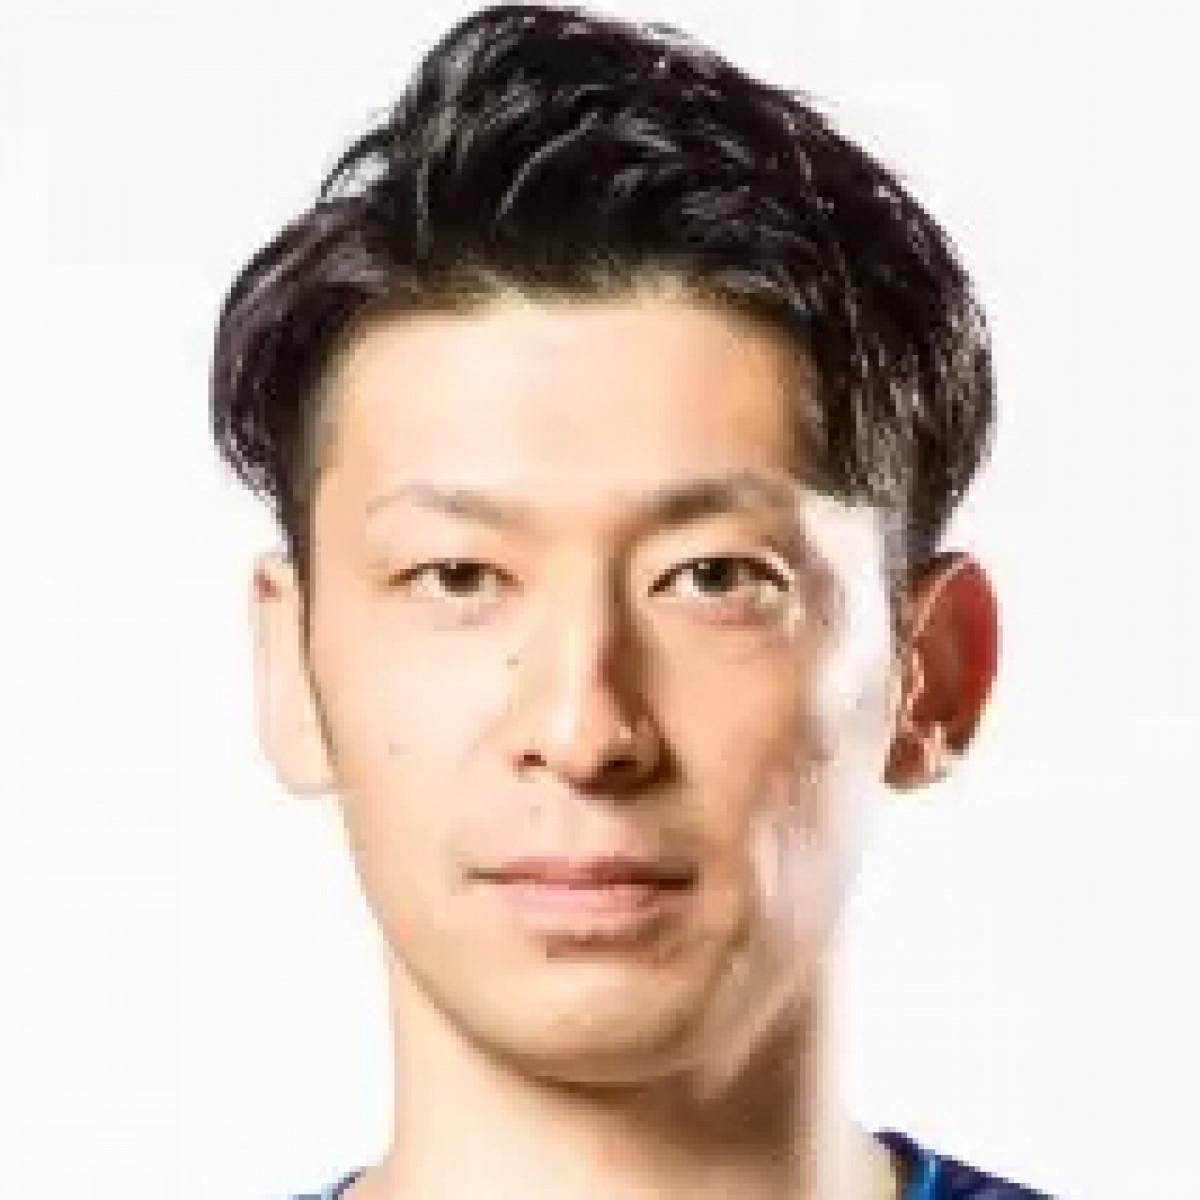 Daichi Shimoyama